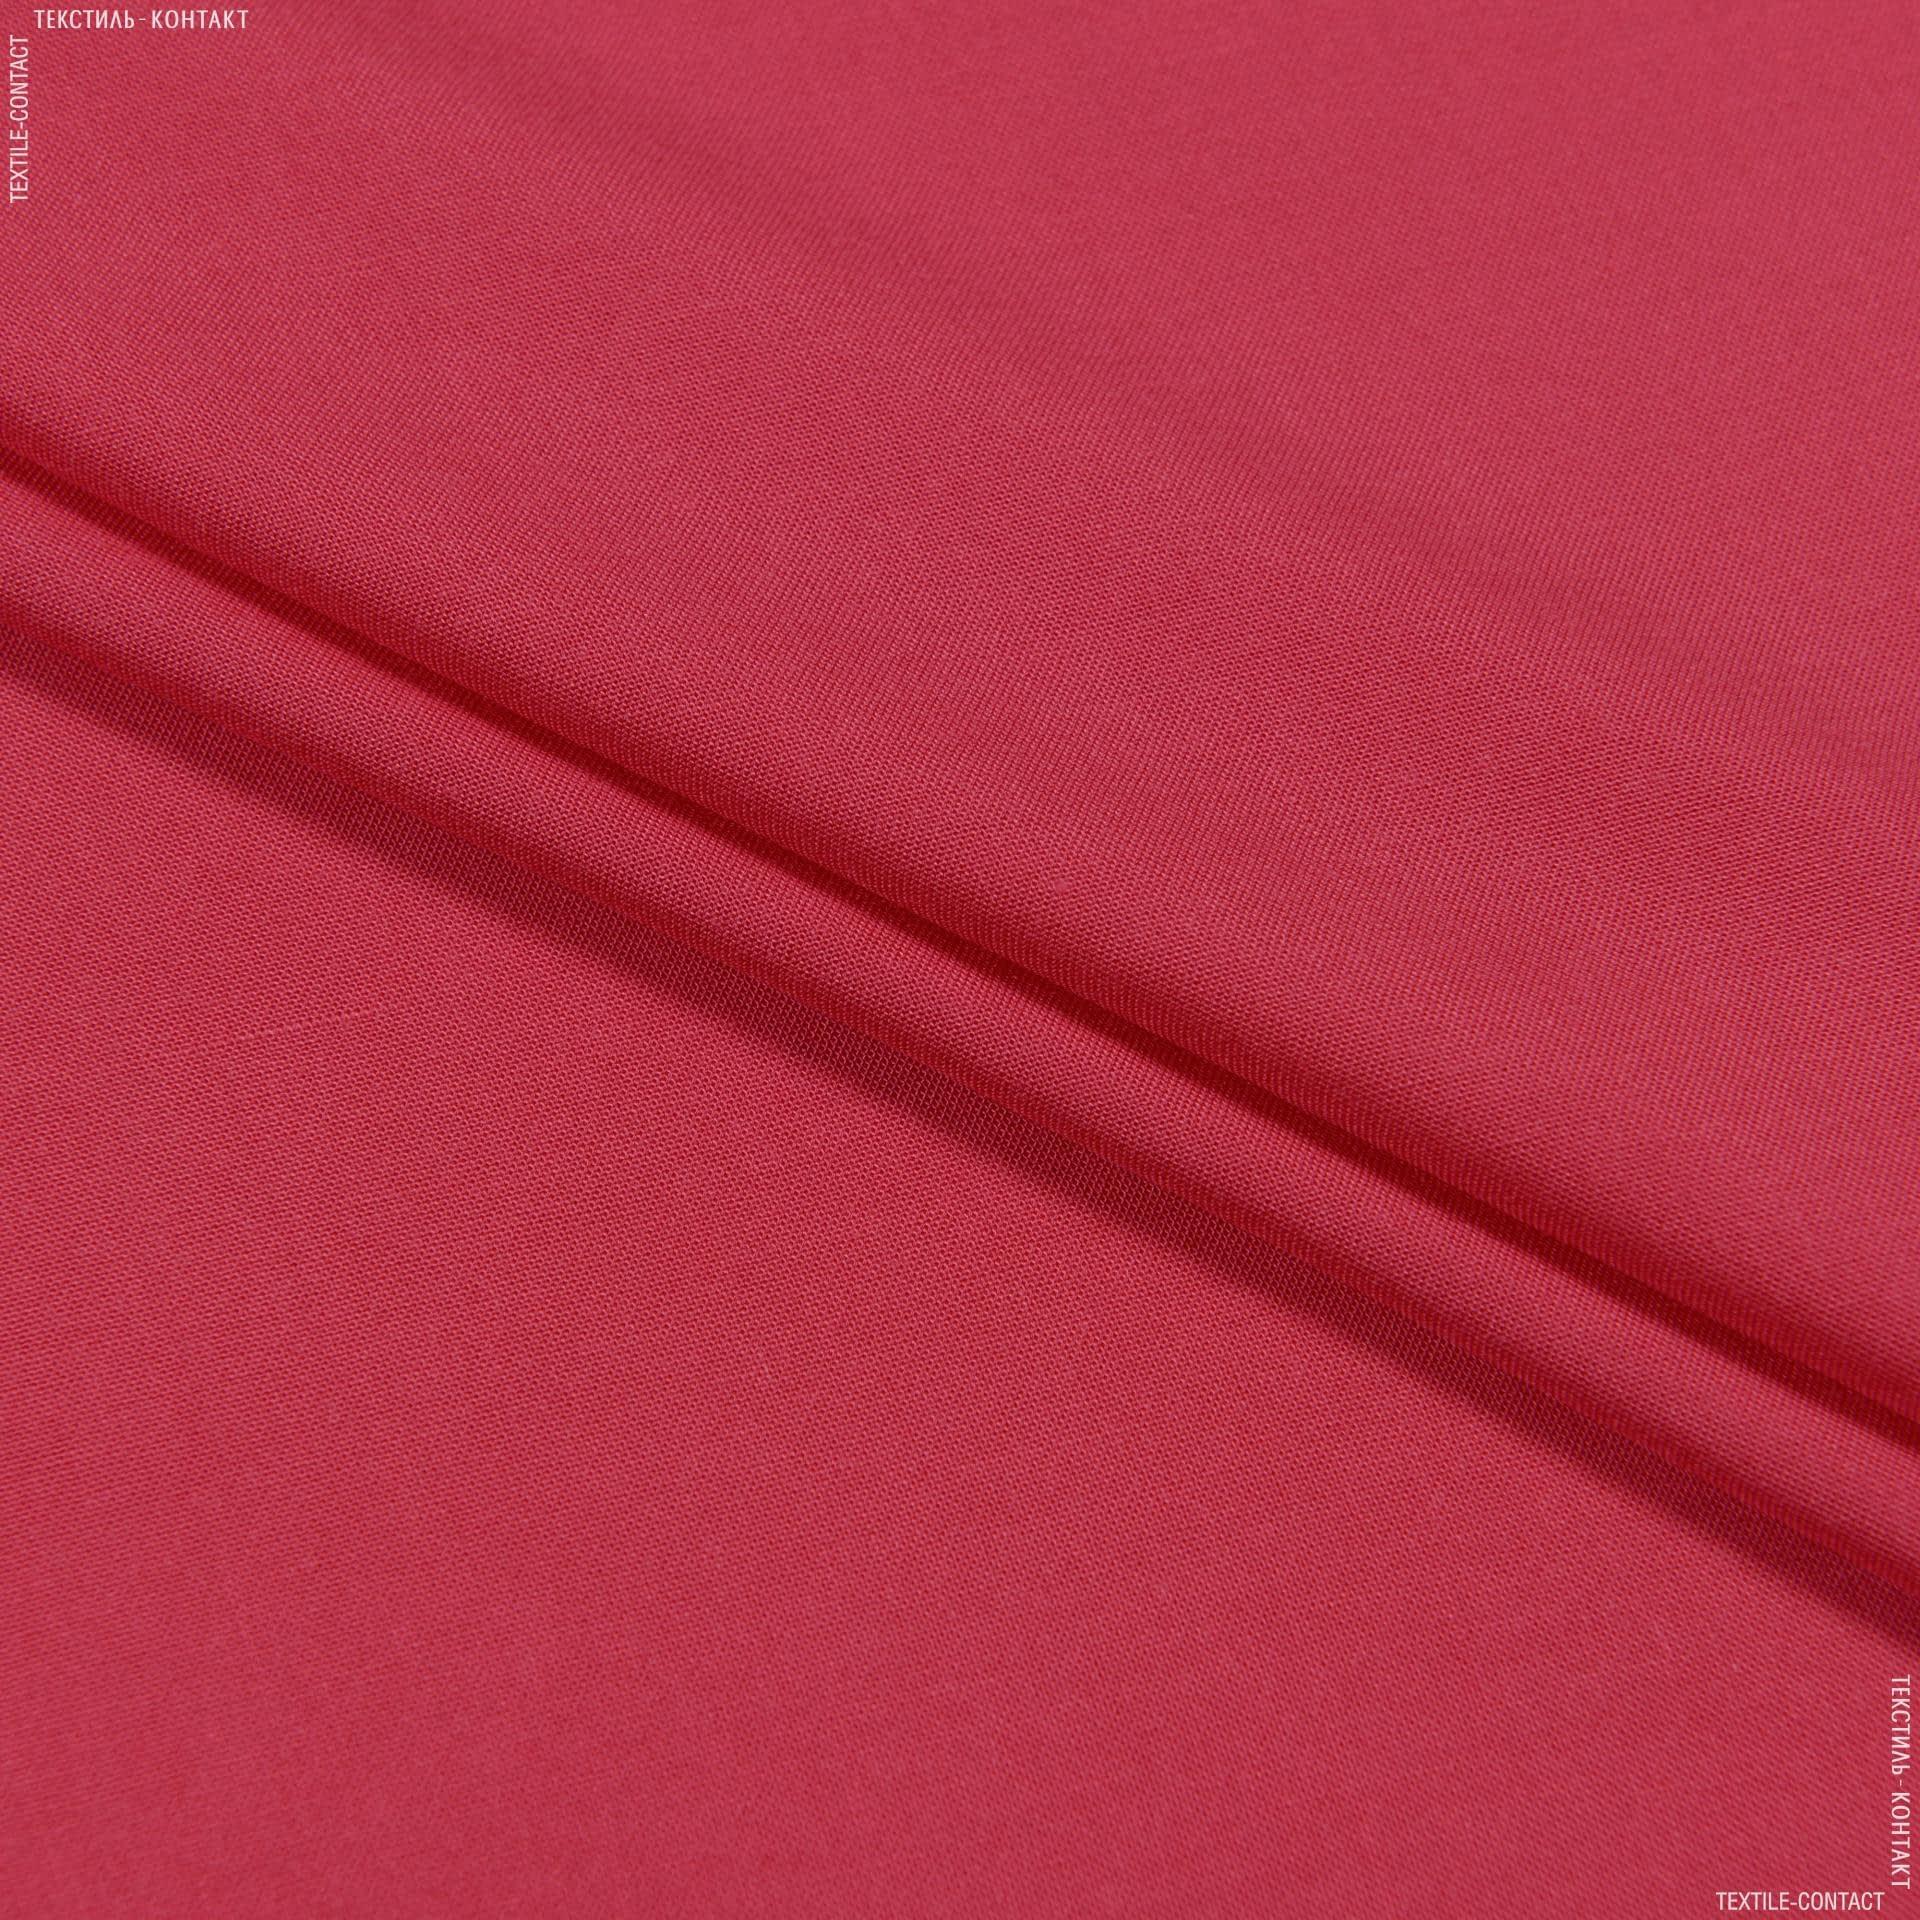 Тканини для дитячого одягу - Штапель фалма світло-вишневий